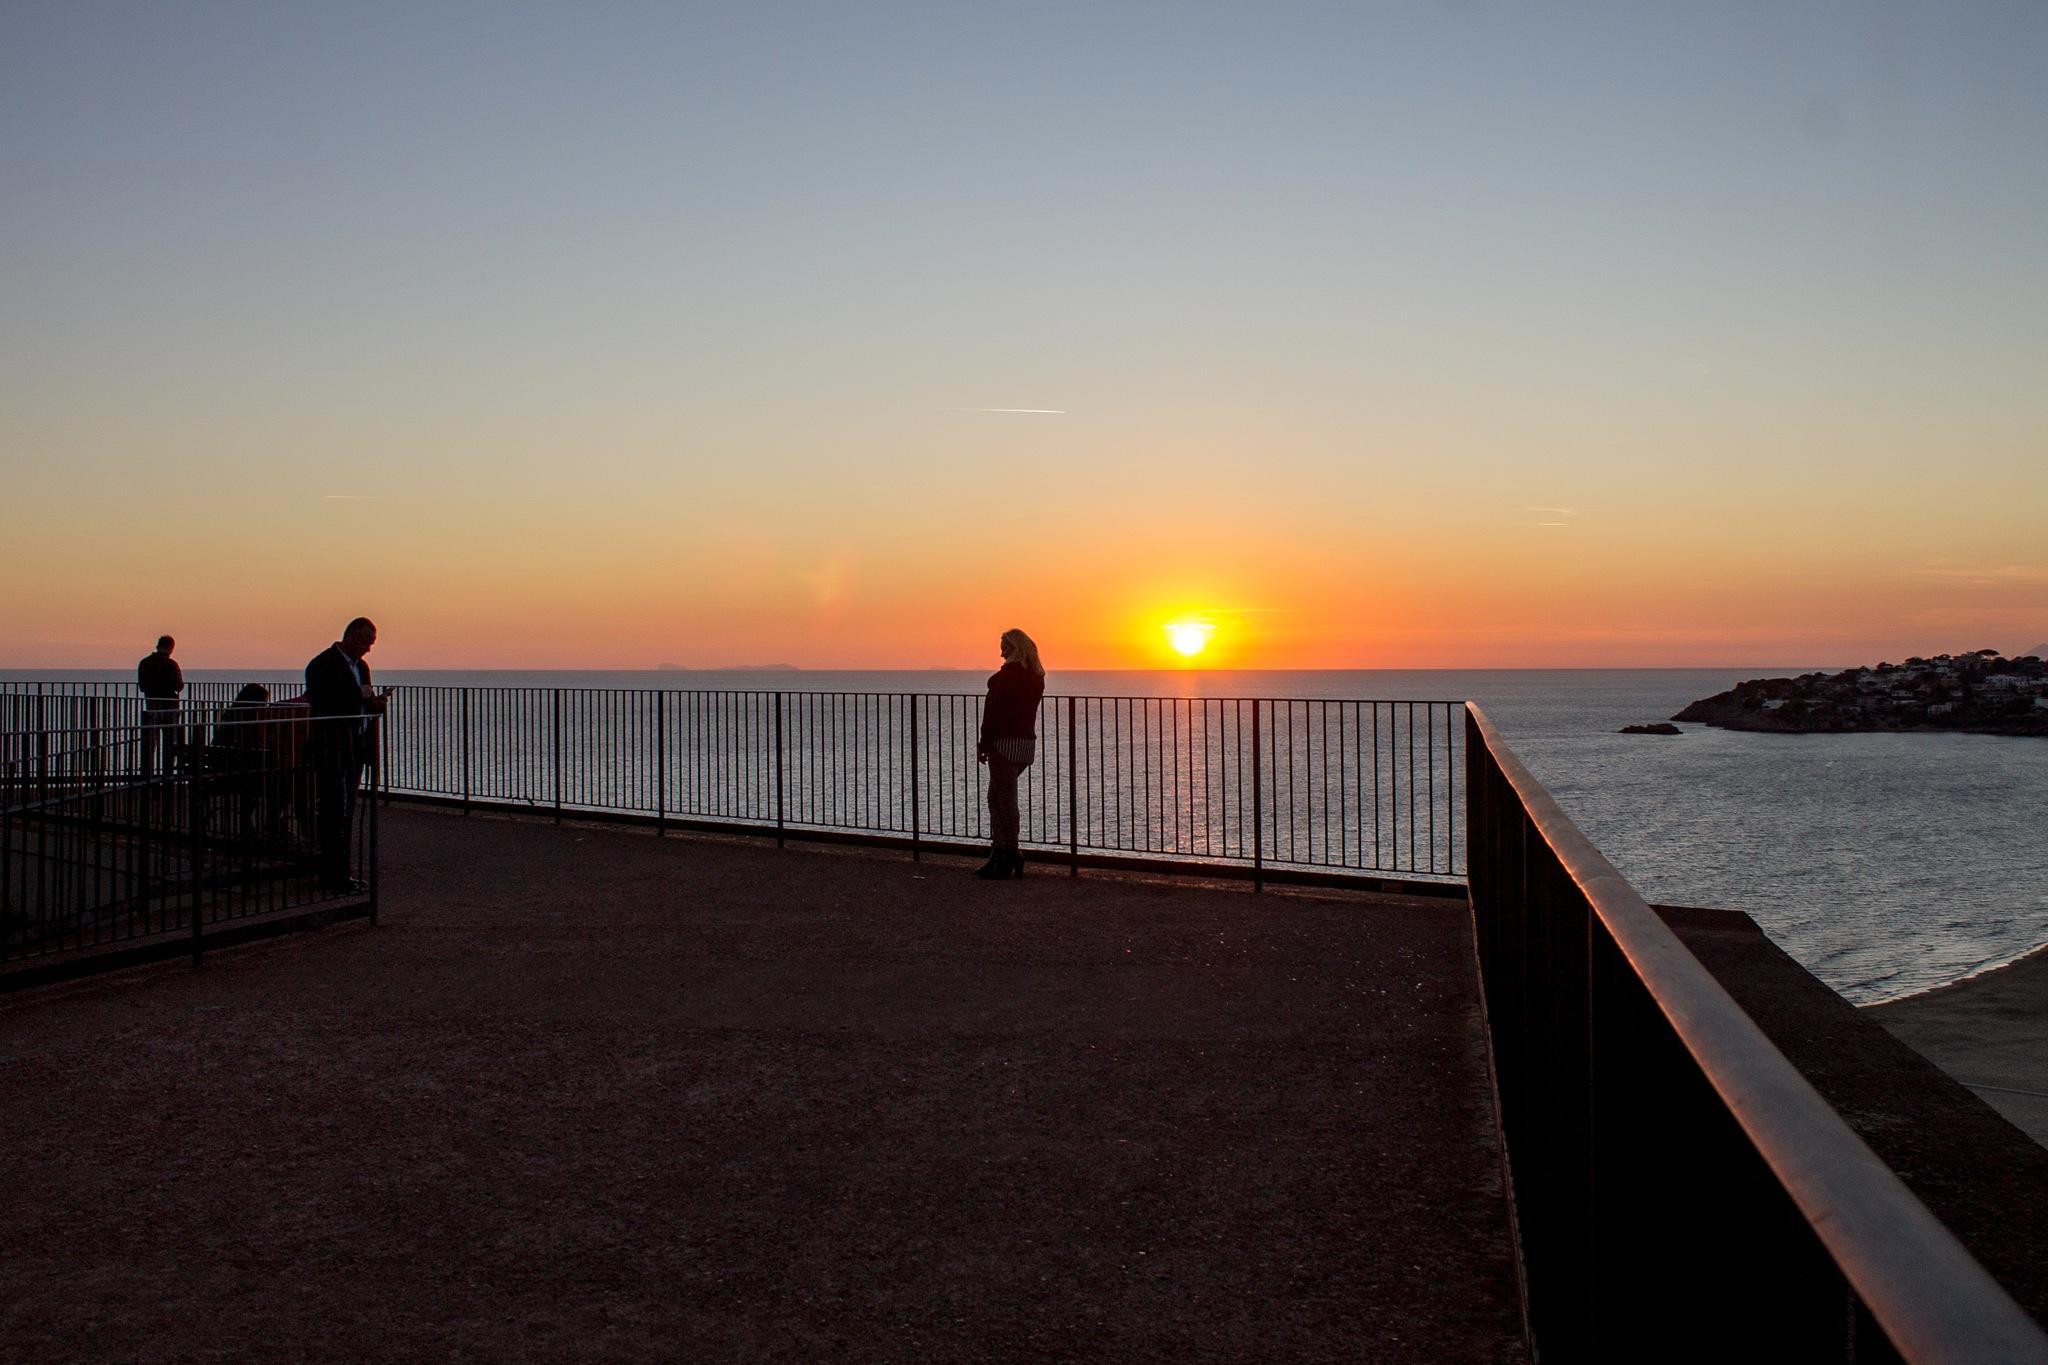 Sunset by Salvatore Bertolino